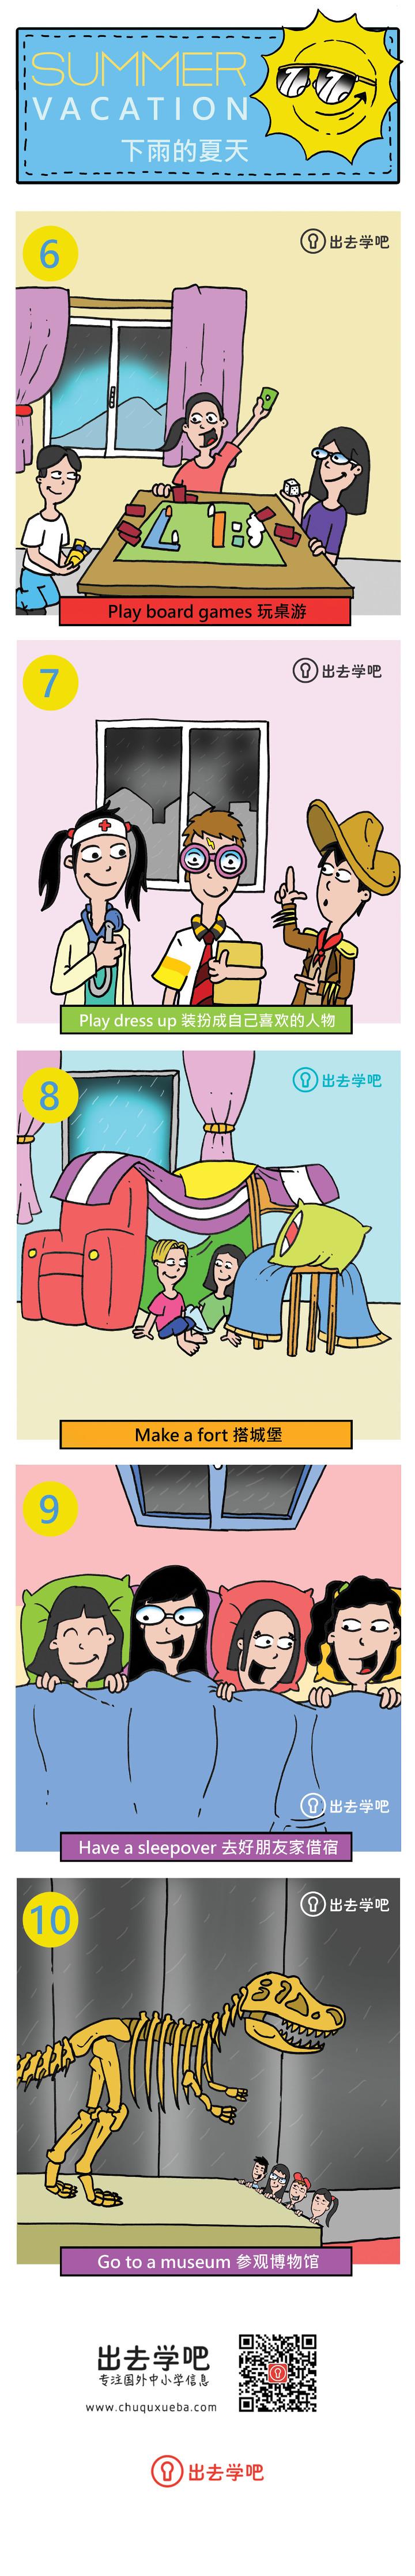 孩子们在暑假的雨天可以参与的5个活动:玩桌游、装扮成自己喜欢的人物、搭城堡、去好朋友家借宿、参观博物馆